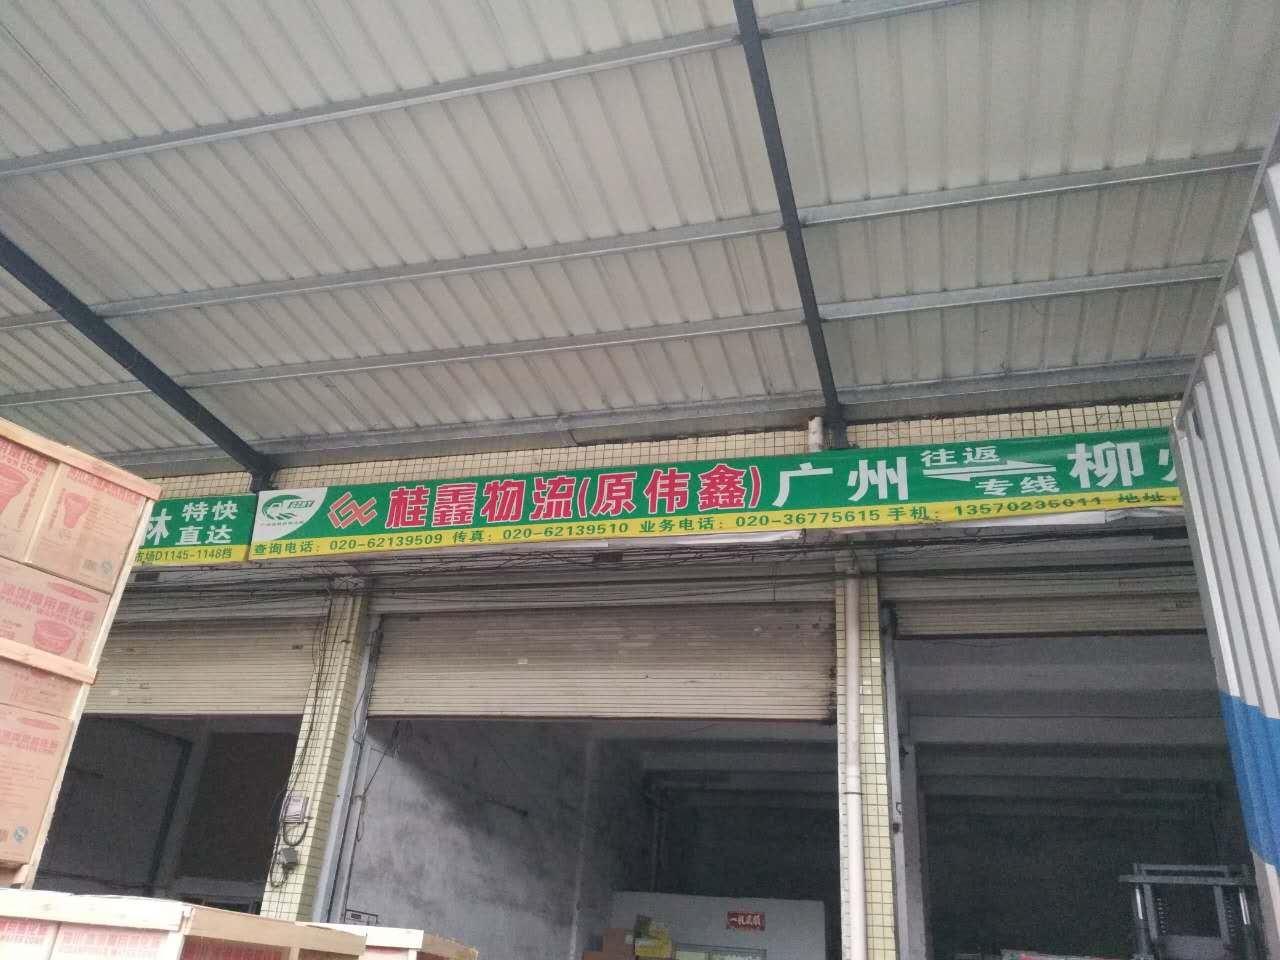 广州到佛山物流专线(广州市桂鑫物流有限公司)